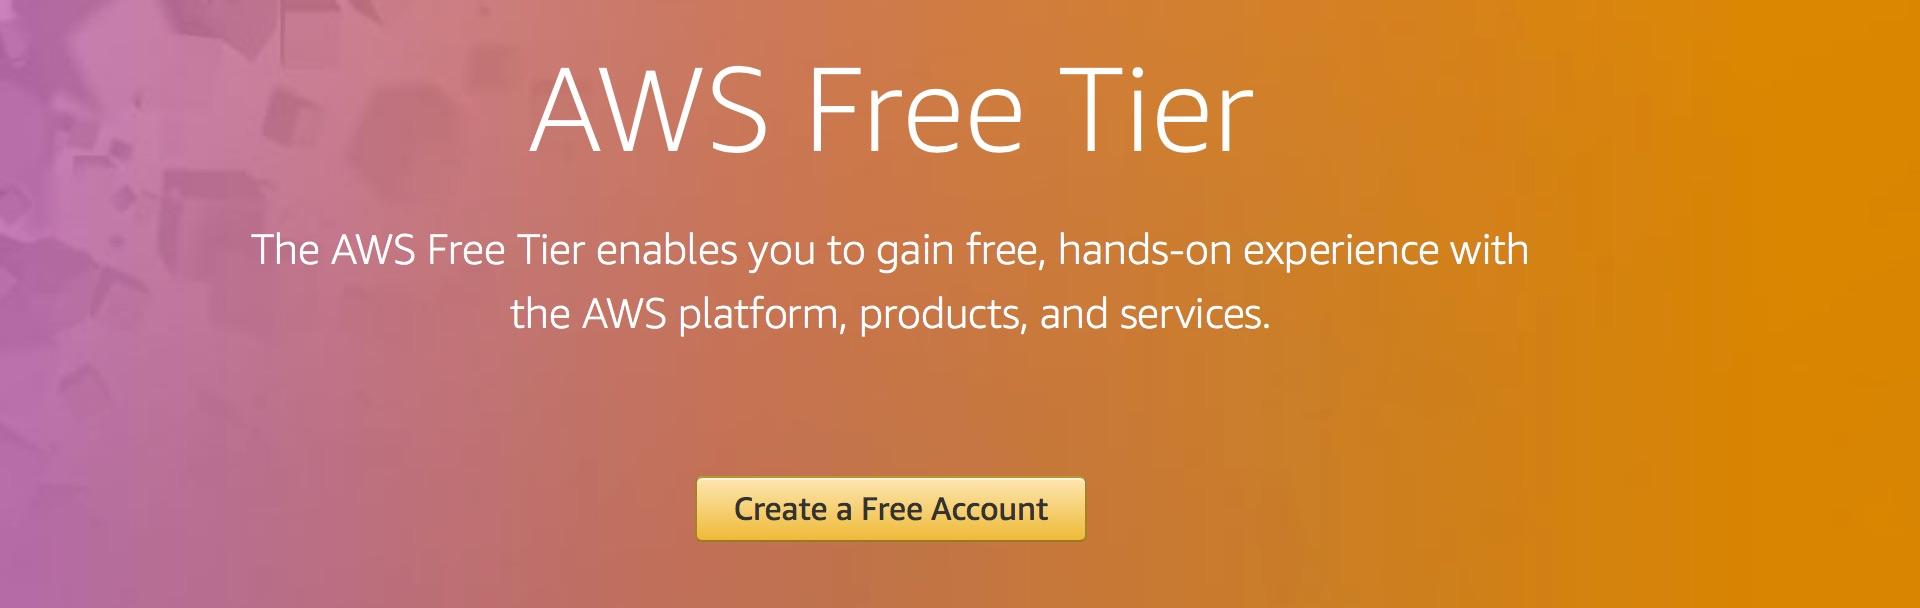 đăng ký aws free tier miễn phí